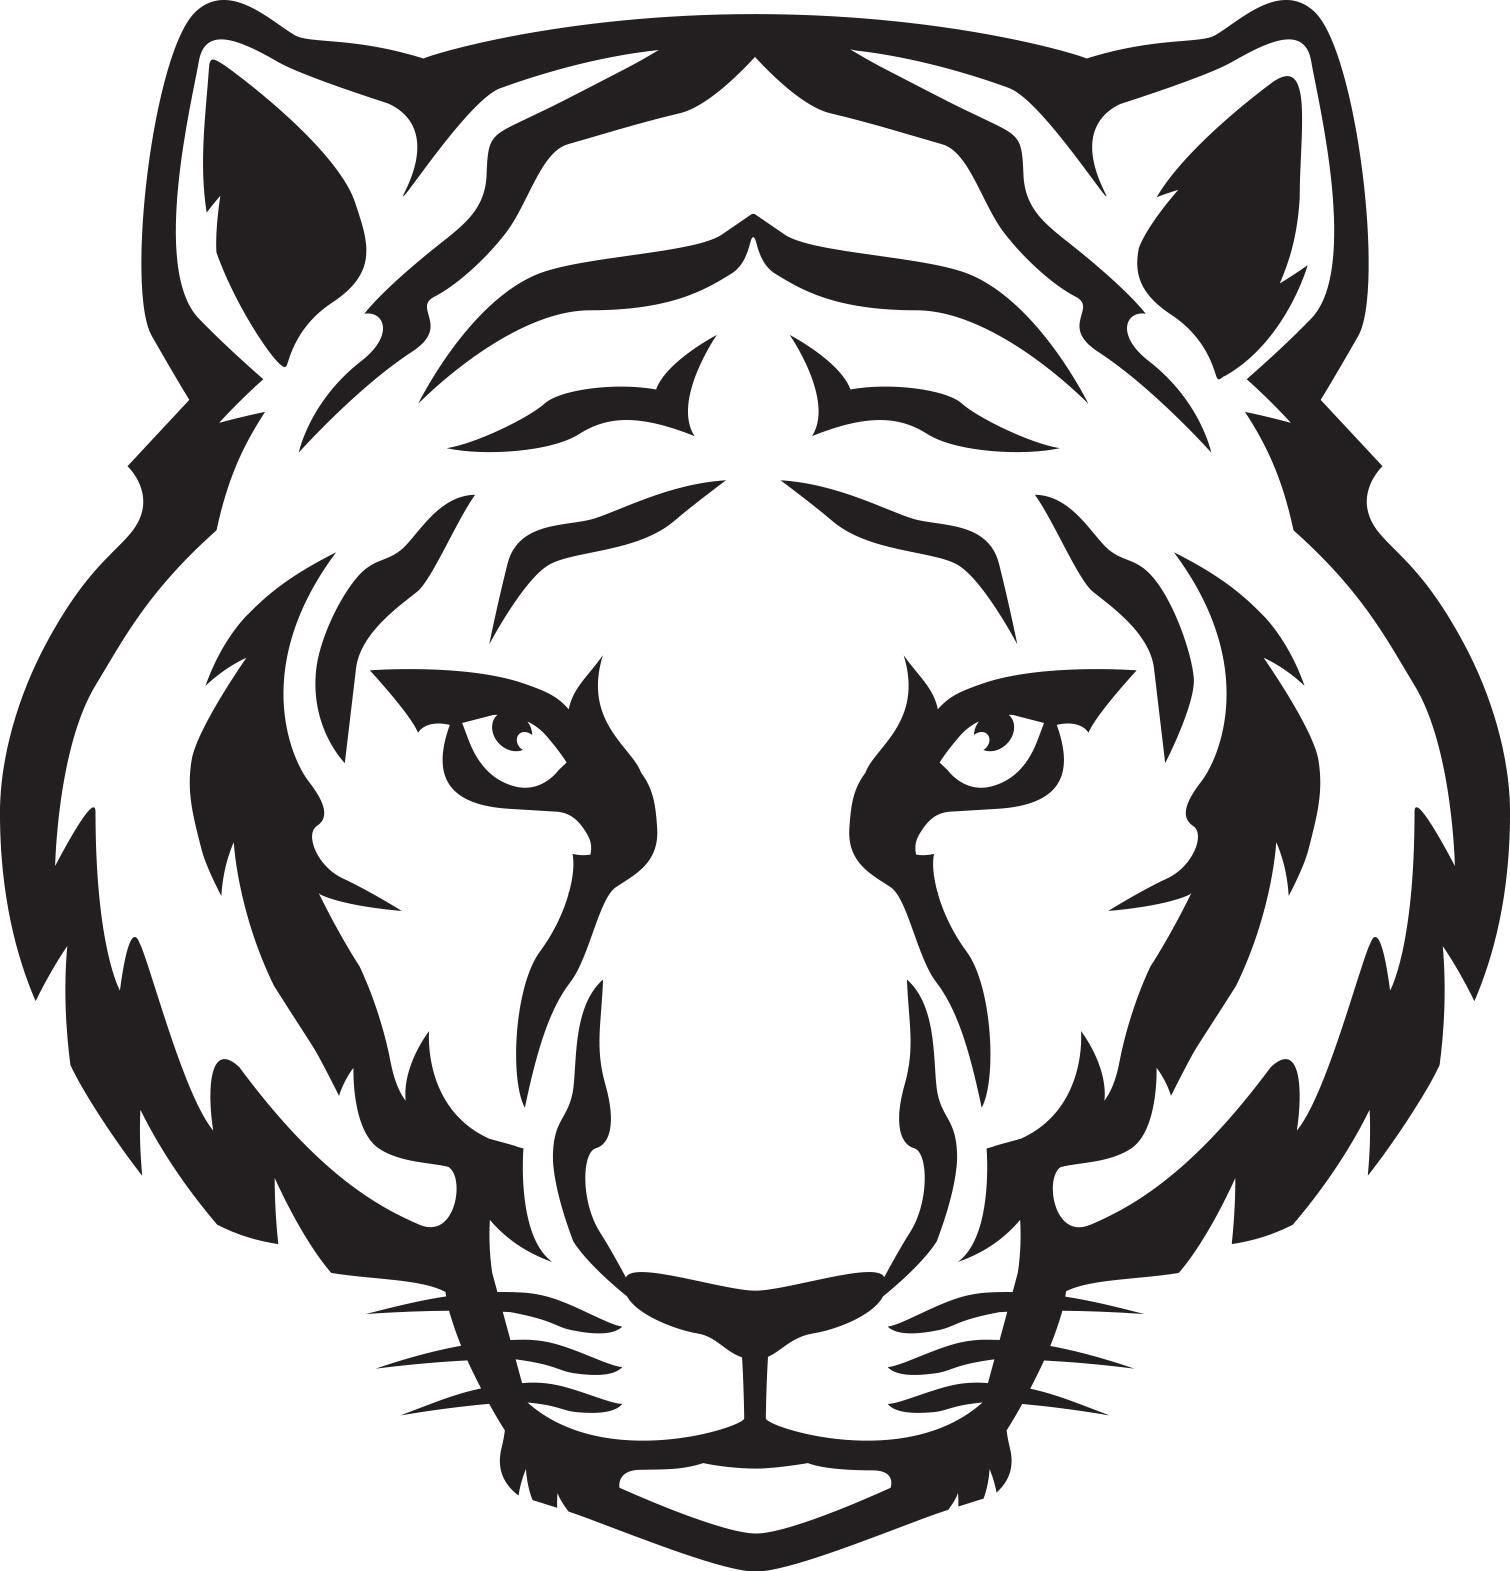 Tiger black and white tiger .-Tiger black and white tiger .-5